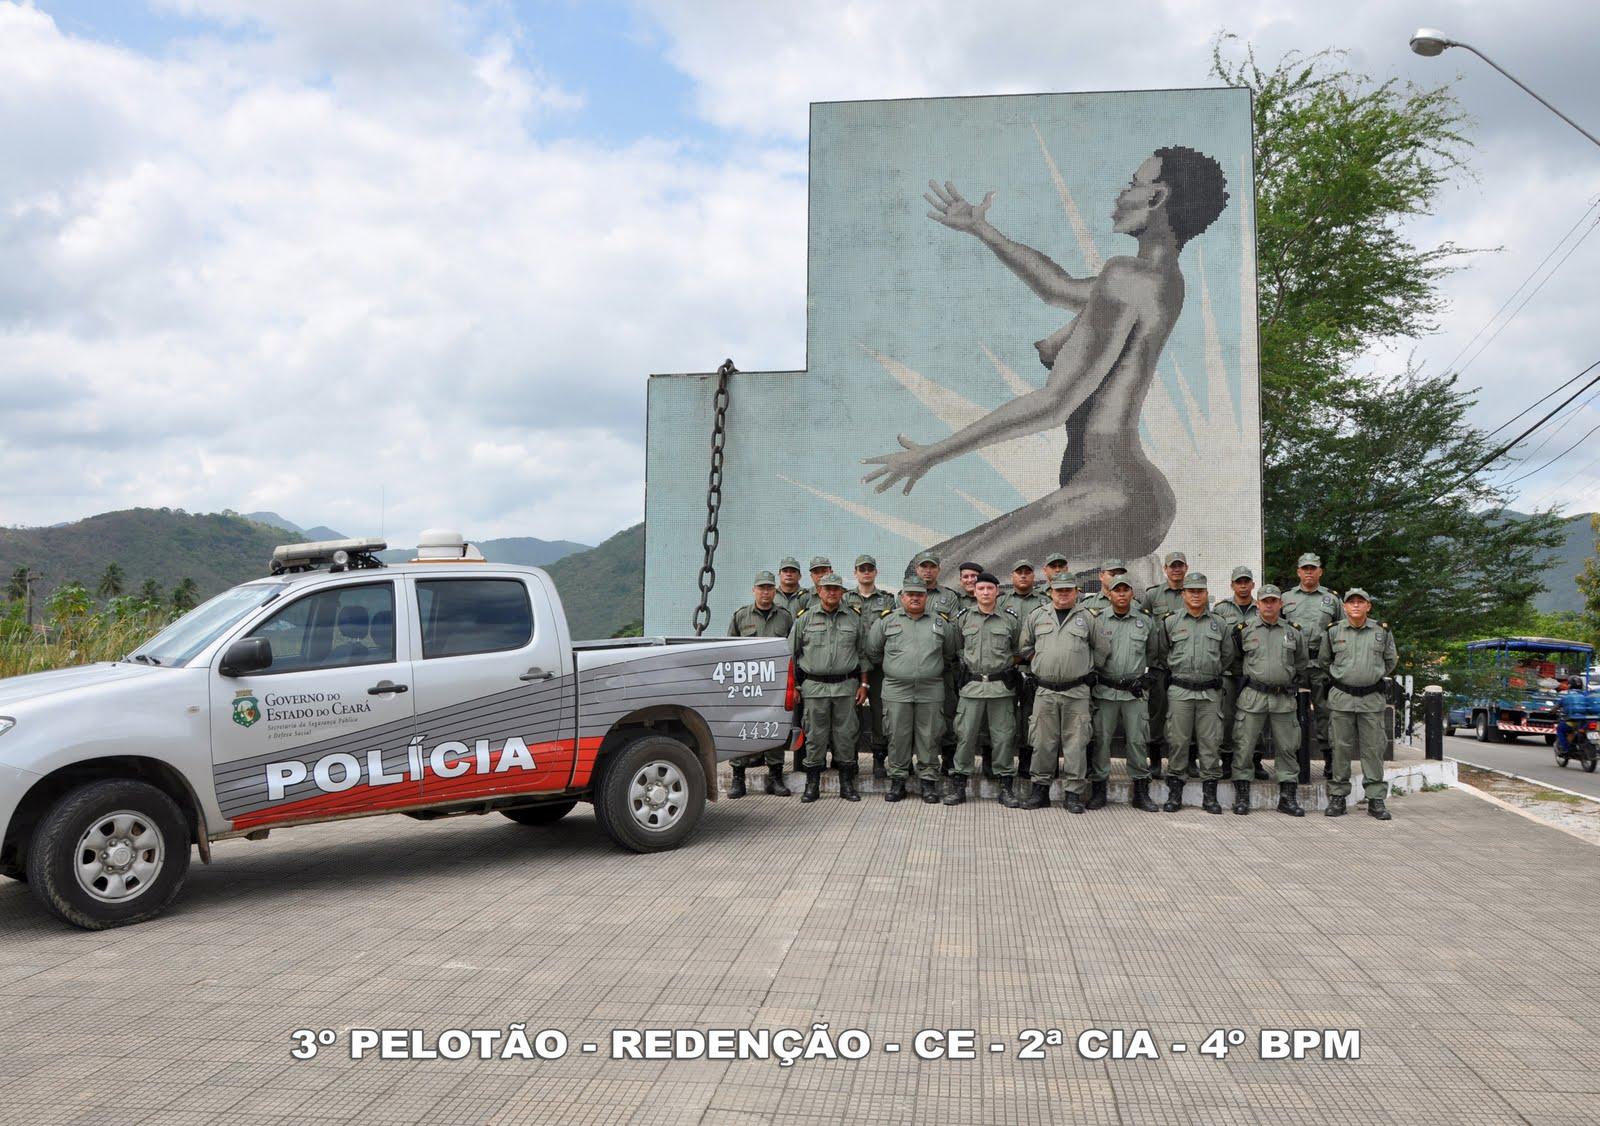 policia militar do ceara - 3º pelotão Redenção - ce